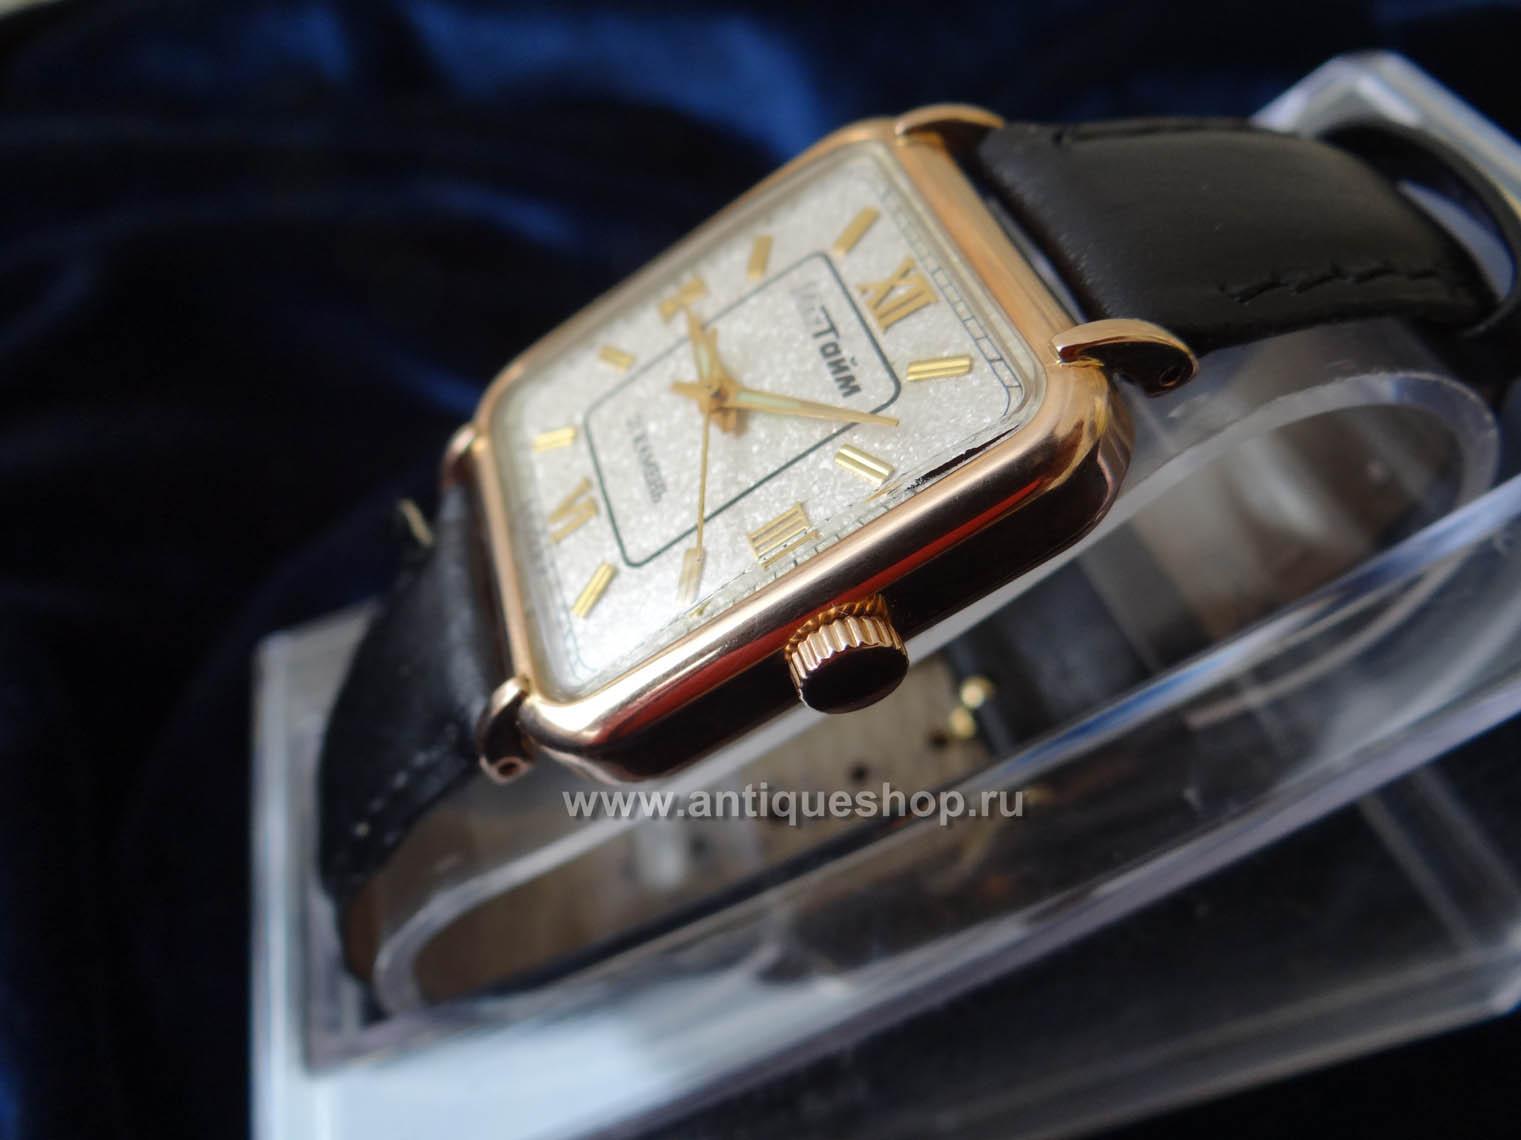 Часы луч ссср цена в Новороссийске Качественные Наручные часы. золотые часы Луч цены